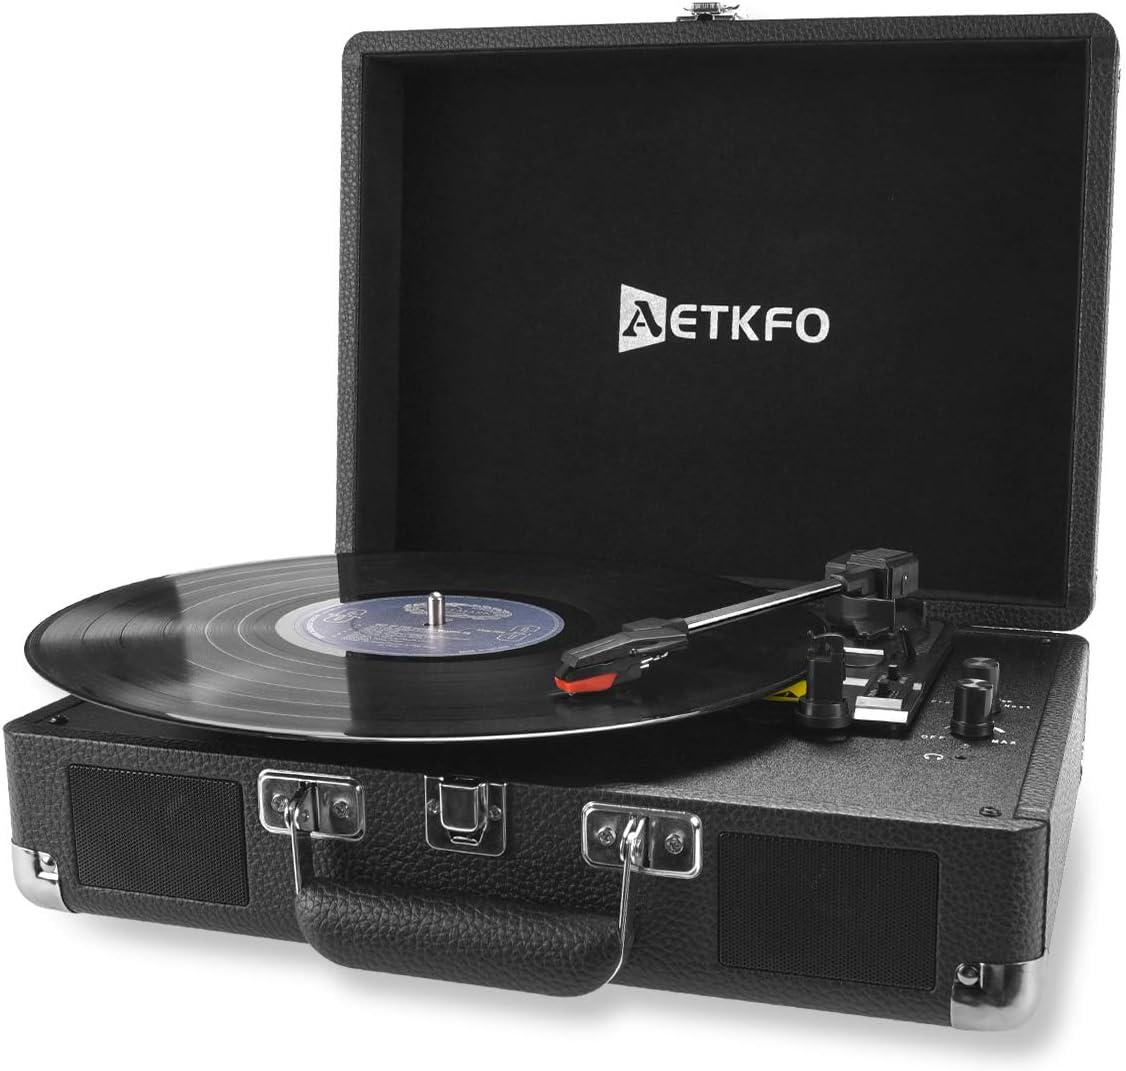 AETKFO Tocadiscos de Vinilo, Tocadiscos Bluetooth con Altavoces,Tocadiscos Vinilo Vintage,Tocadiscos Estéreo,Reproductor de Vinilo,3 Velocidades 33/45/78 RPM,Salida RCA/Conector para Auriculares/USB